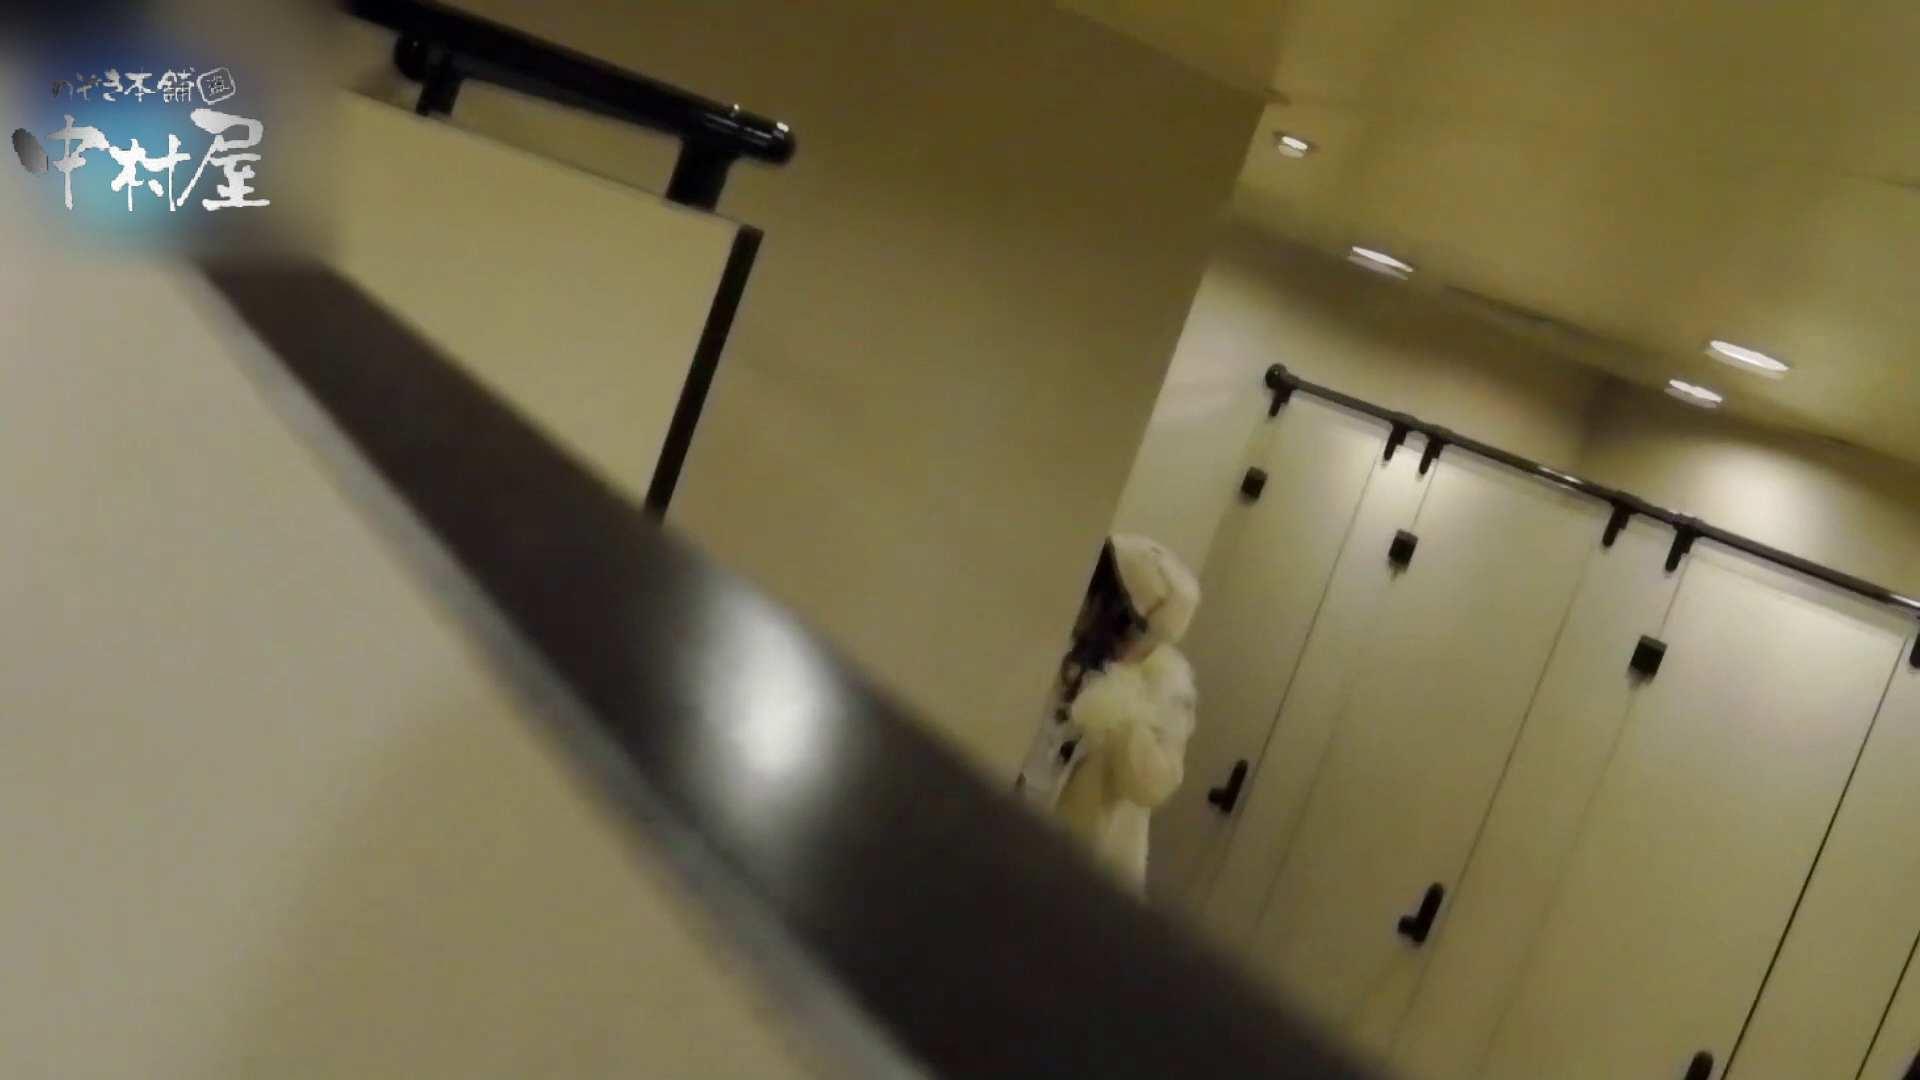 乙女集まる!ショッピングモール潜入撮vol.01 トイレ 盗撮おめこ無修正動画無料 101画像 56